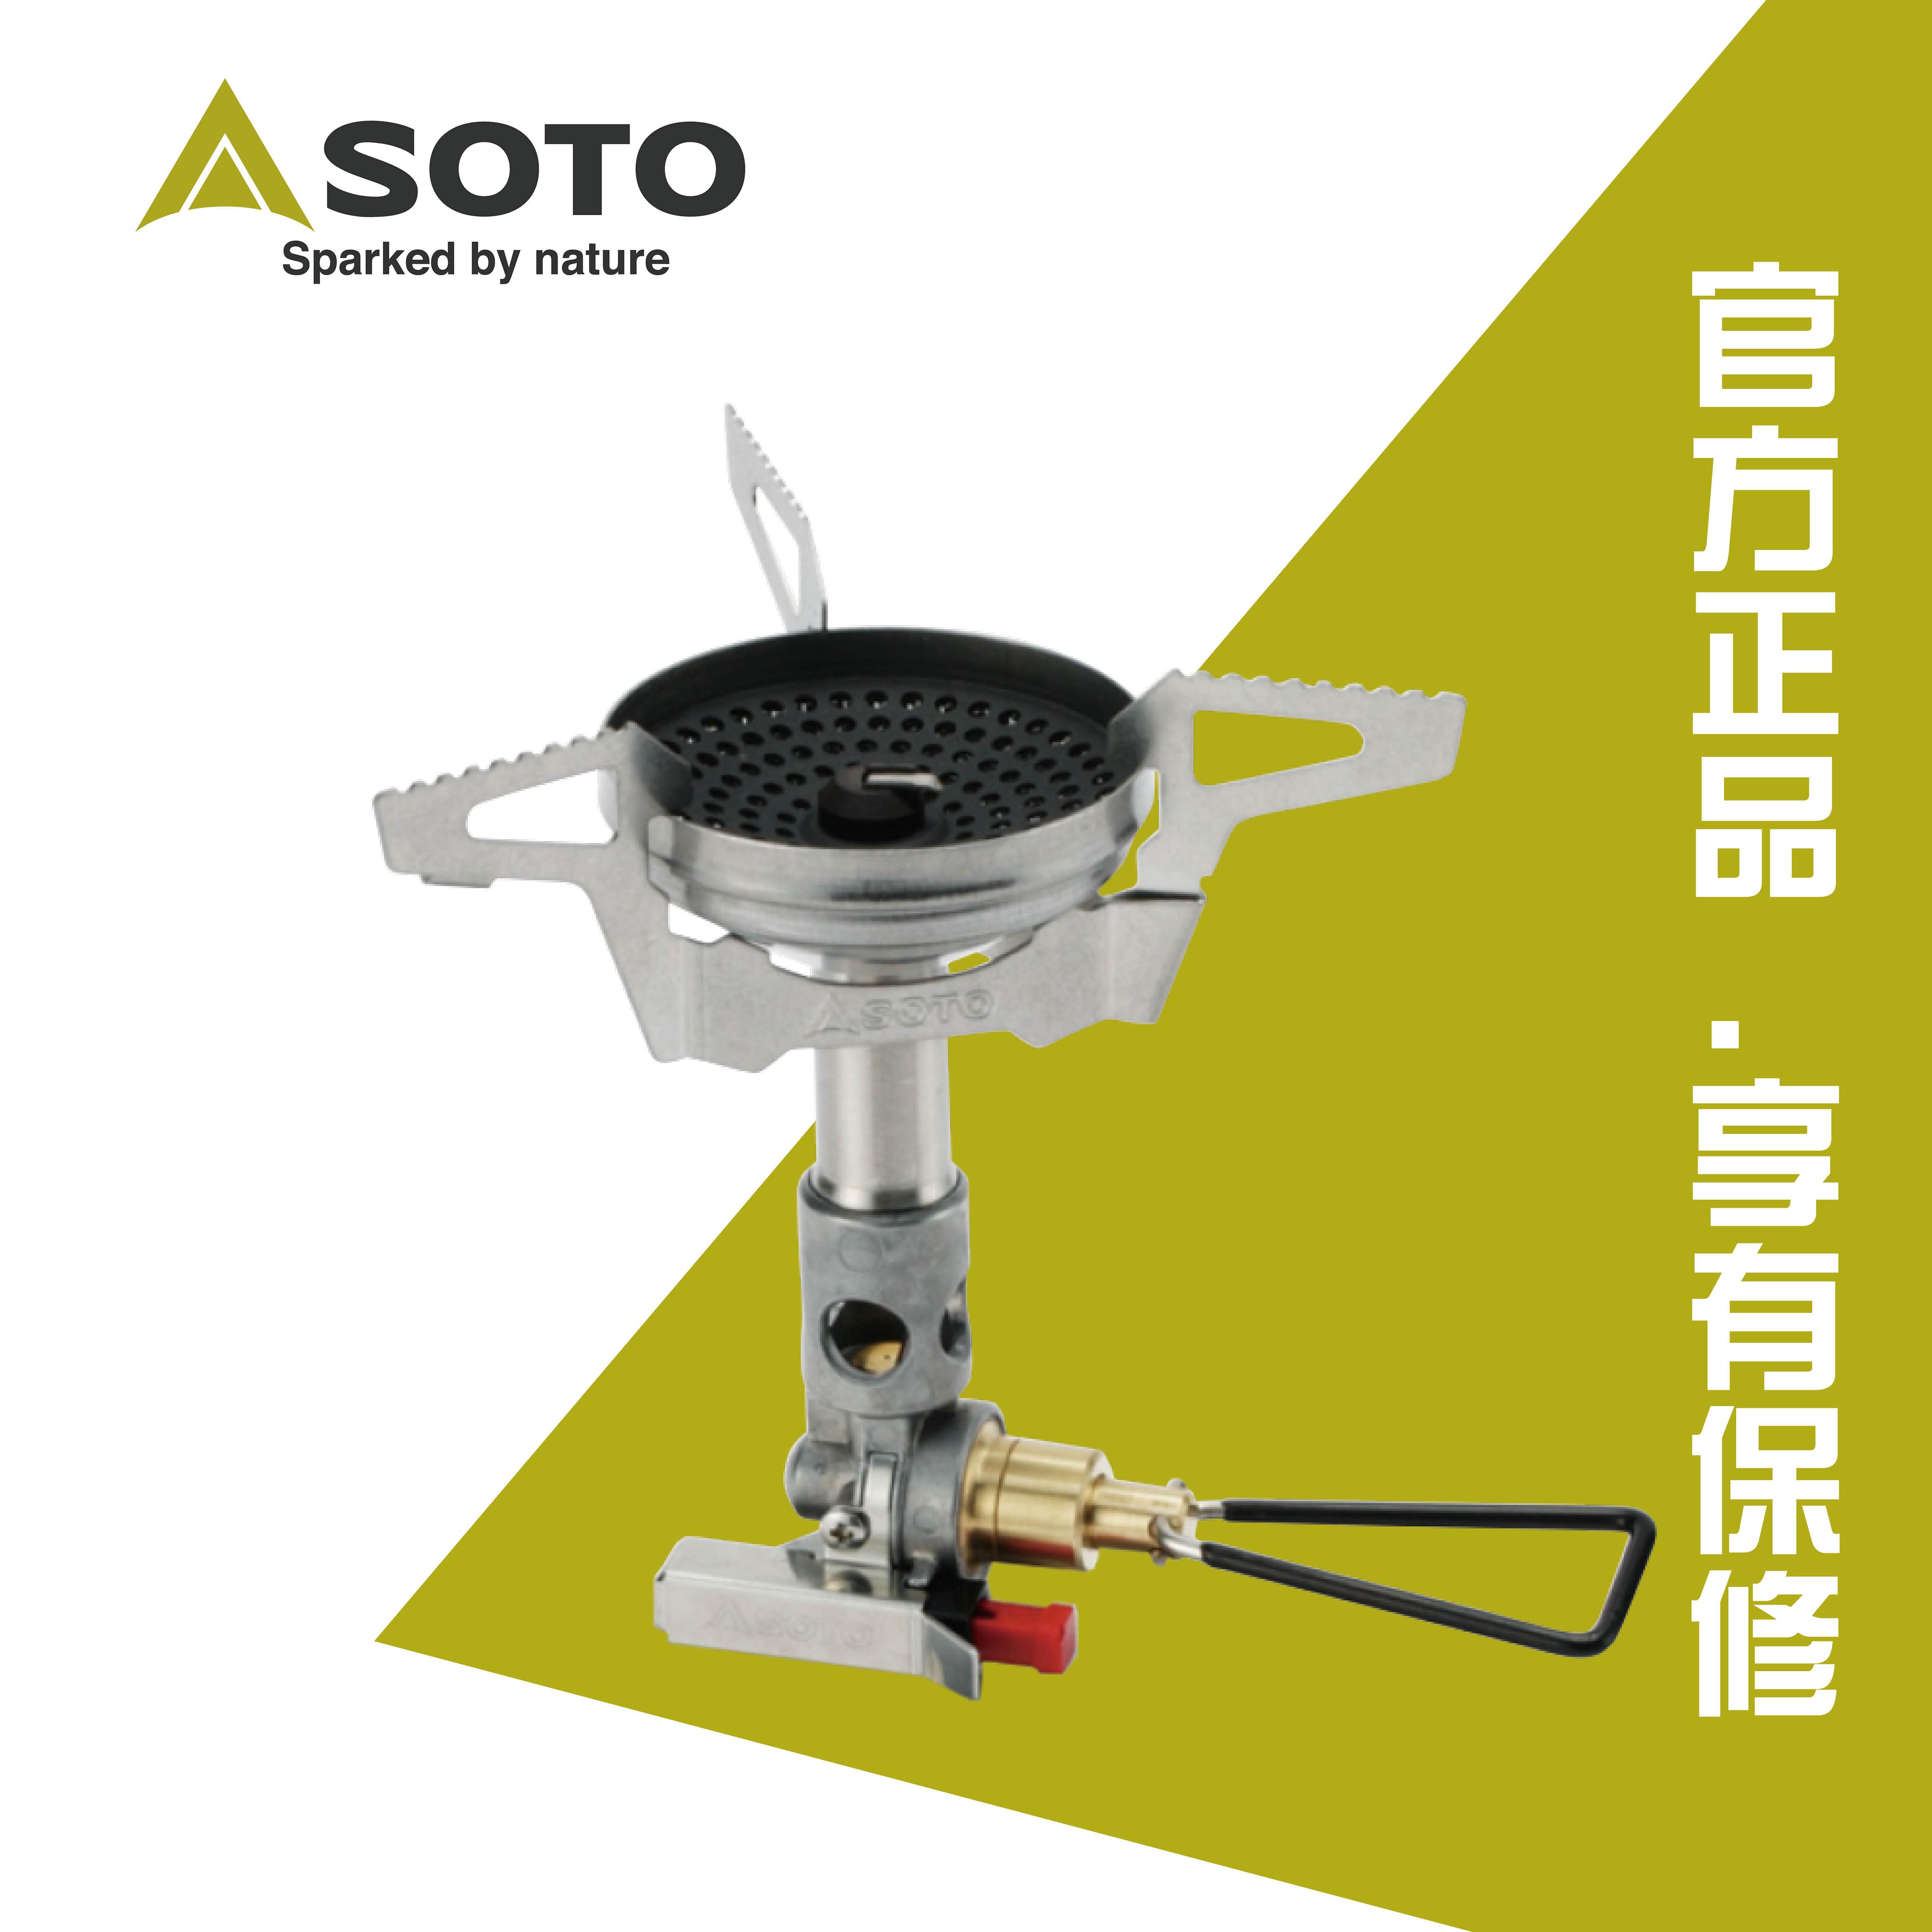 日本SOTO SOD-310 防风稳压登山炉 超轻户外炉头OD-1RX 低温神器